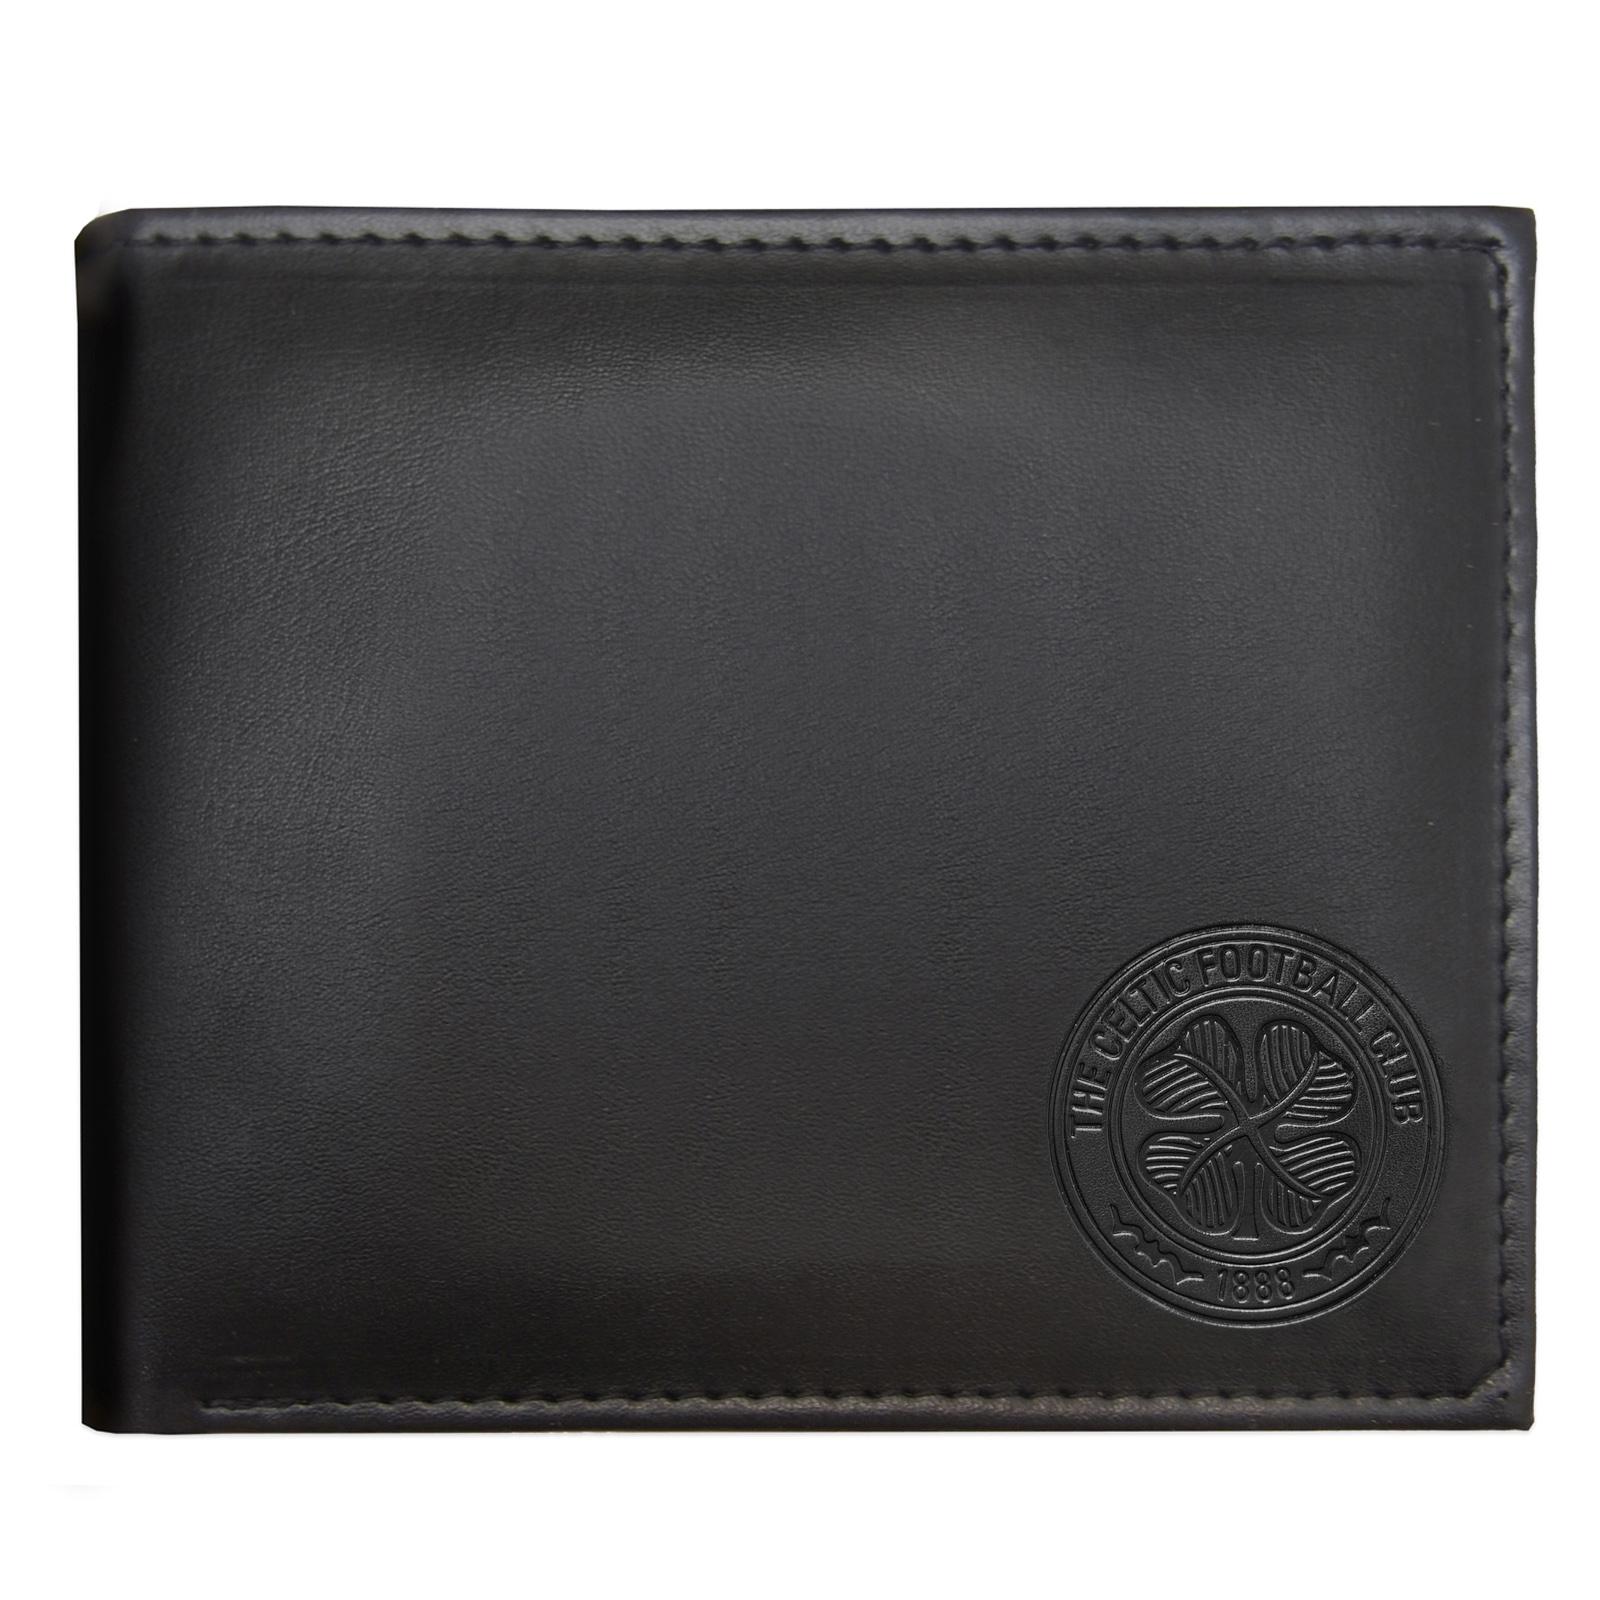 Celtic FC Geldbörse mit geprägtem Vereinswappen Offizielles Merchandise